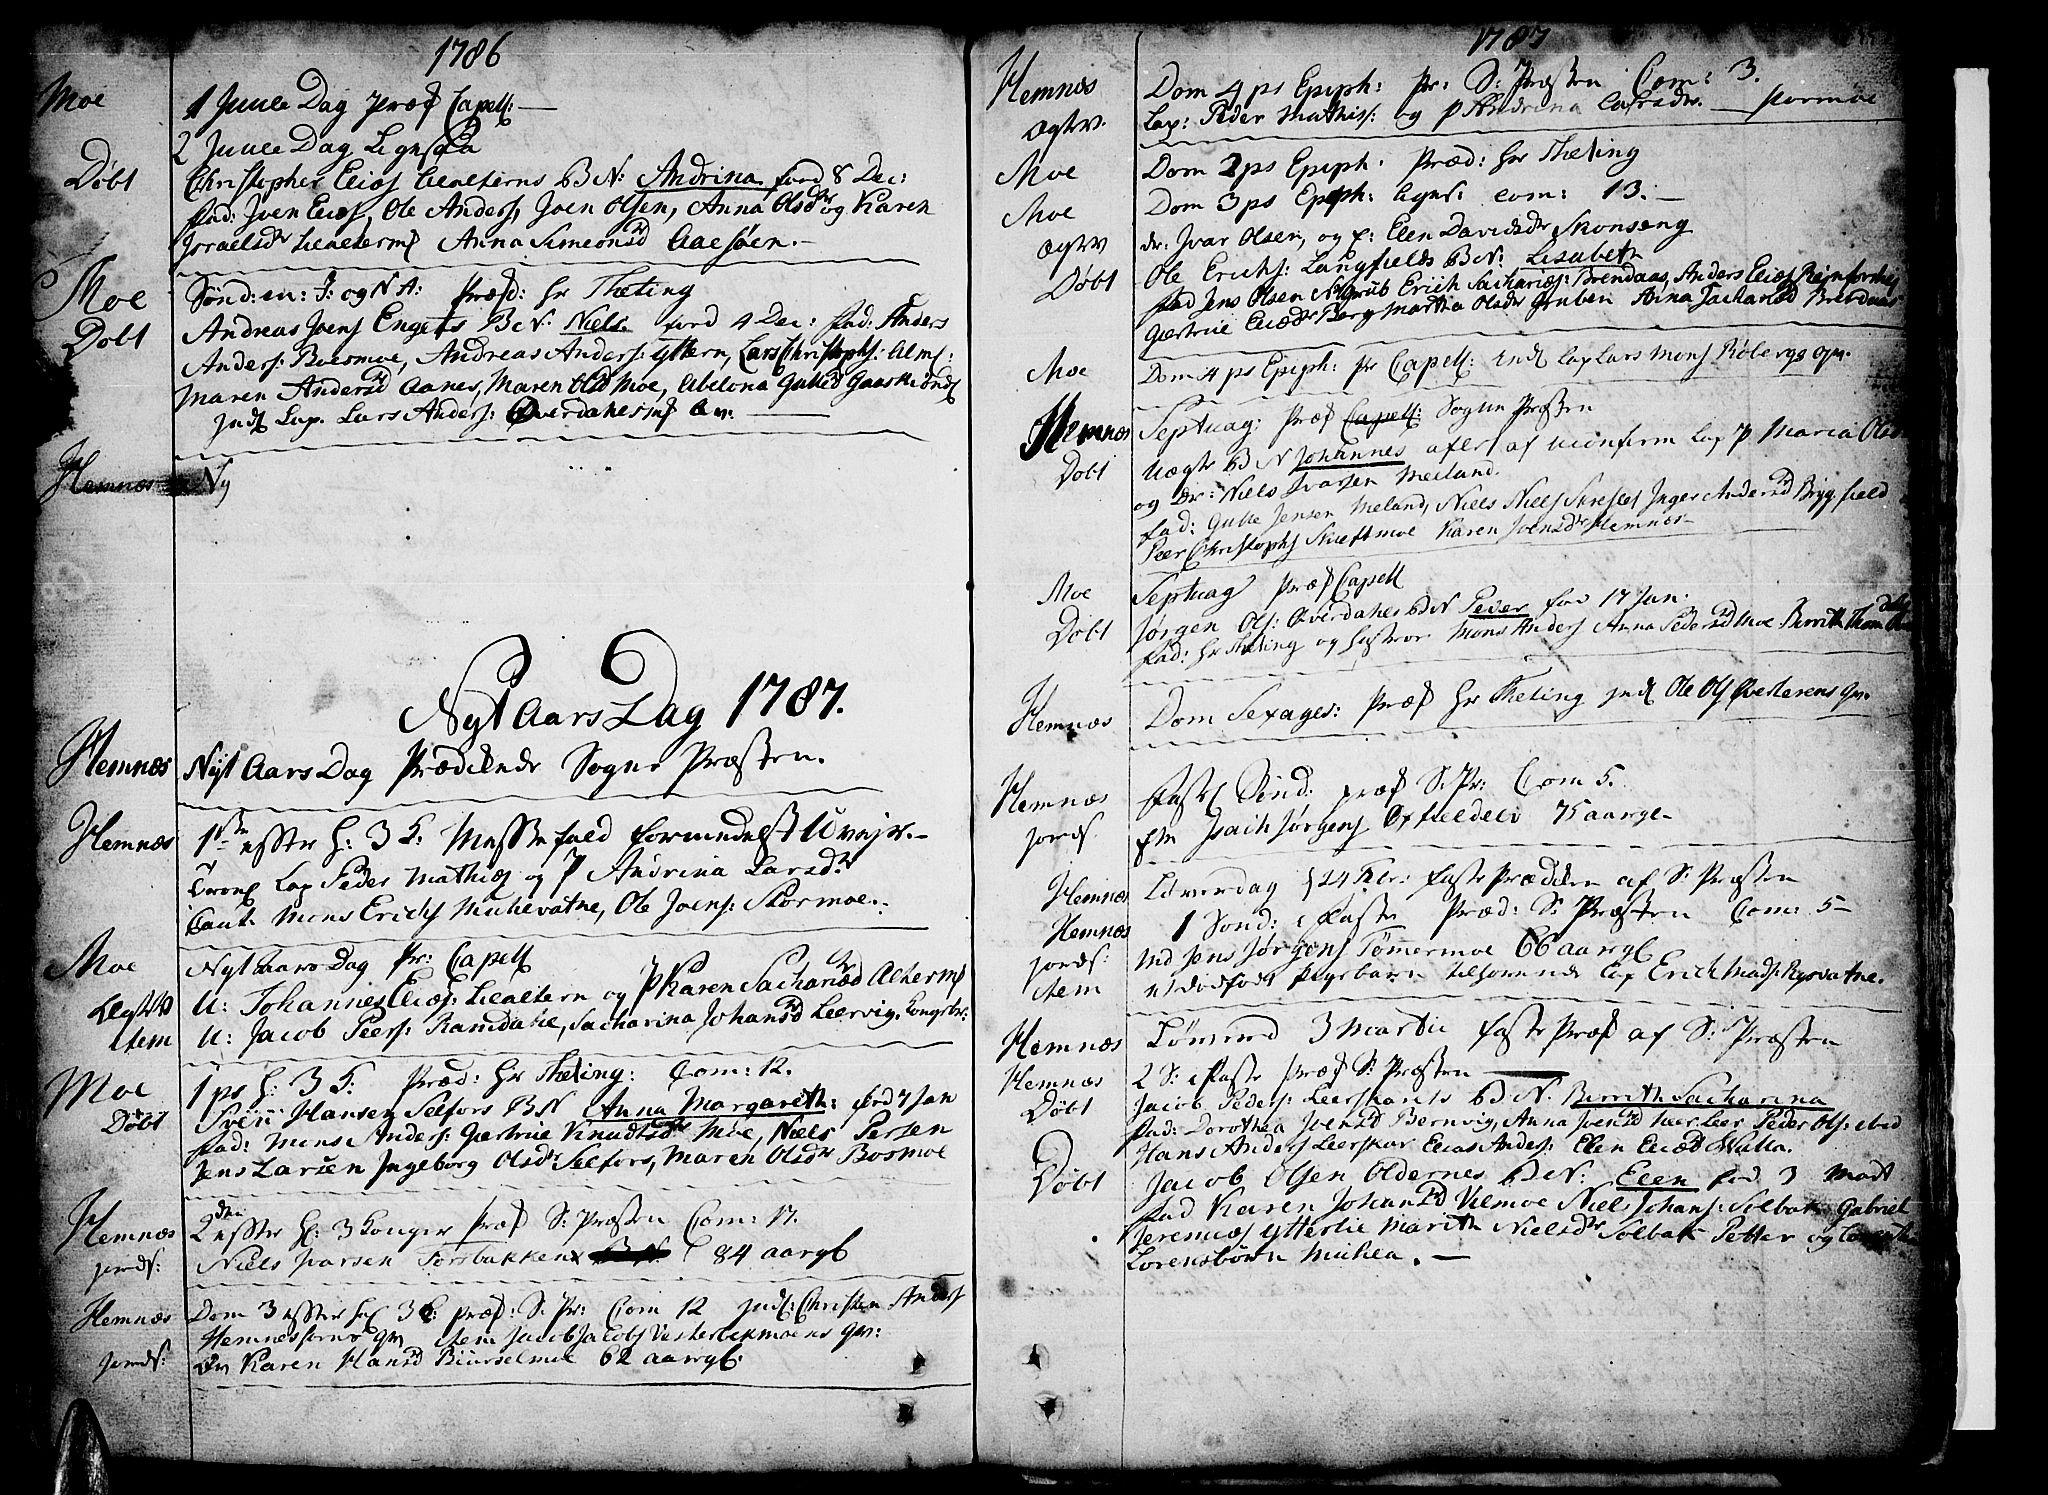 SAT, Ministerialprotokoller, klokkerbøker og fødselsregistre - Nordland, 825/L0348: Parish register (official) no. 825A04, 1752-1788, p. 357